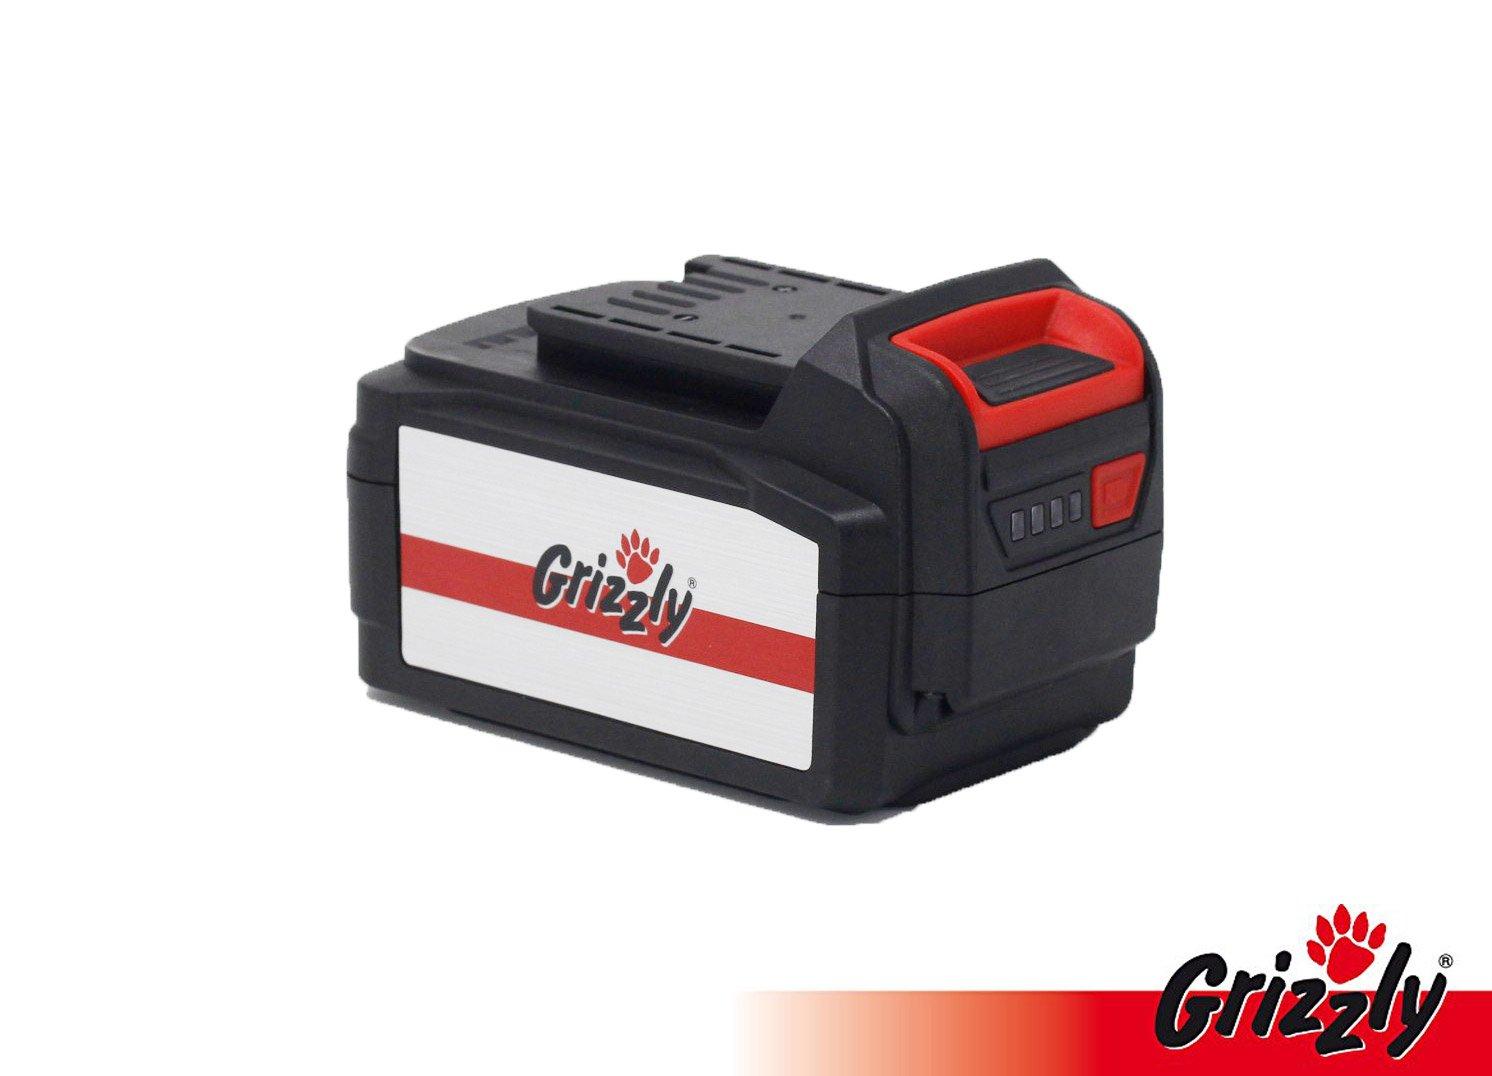 Grizzly Batería 24 V, 3.0 Ah, Batería de Repuesto, Accesorios ...